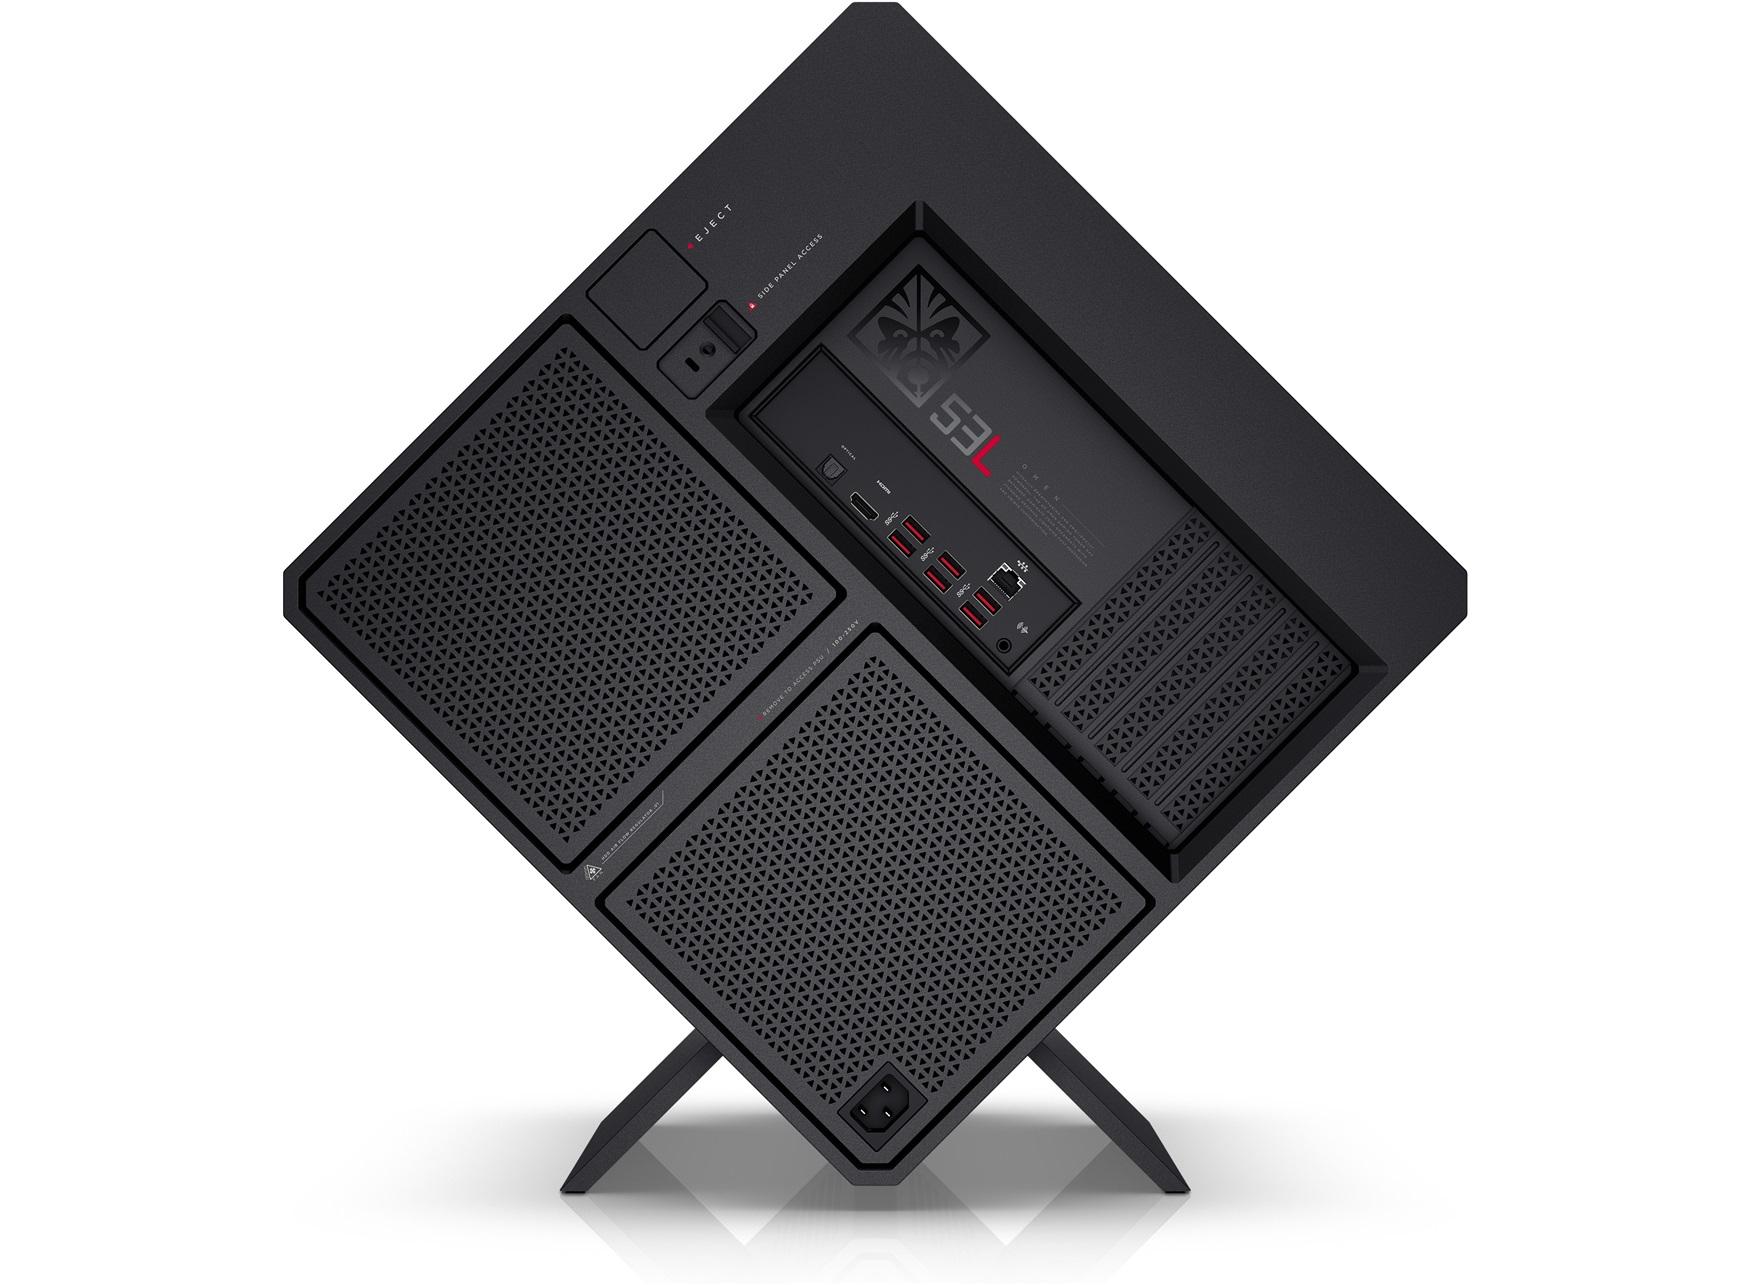 HP OMEN 900-001ns 4GHz i7-6700K Scrivania Nero, Rosso PC